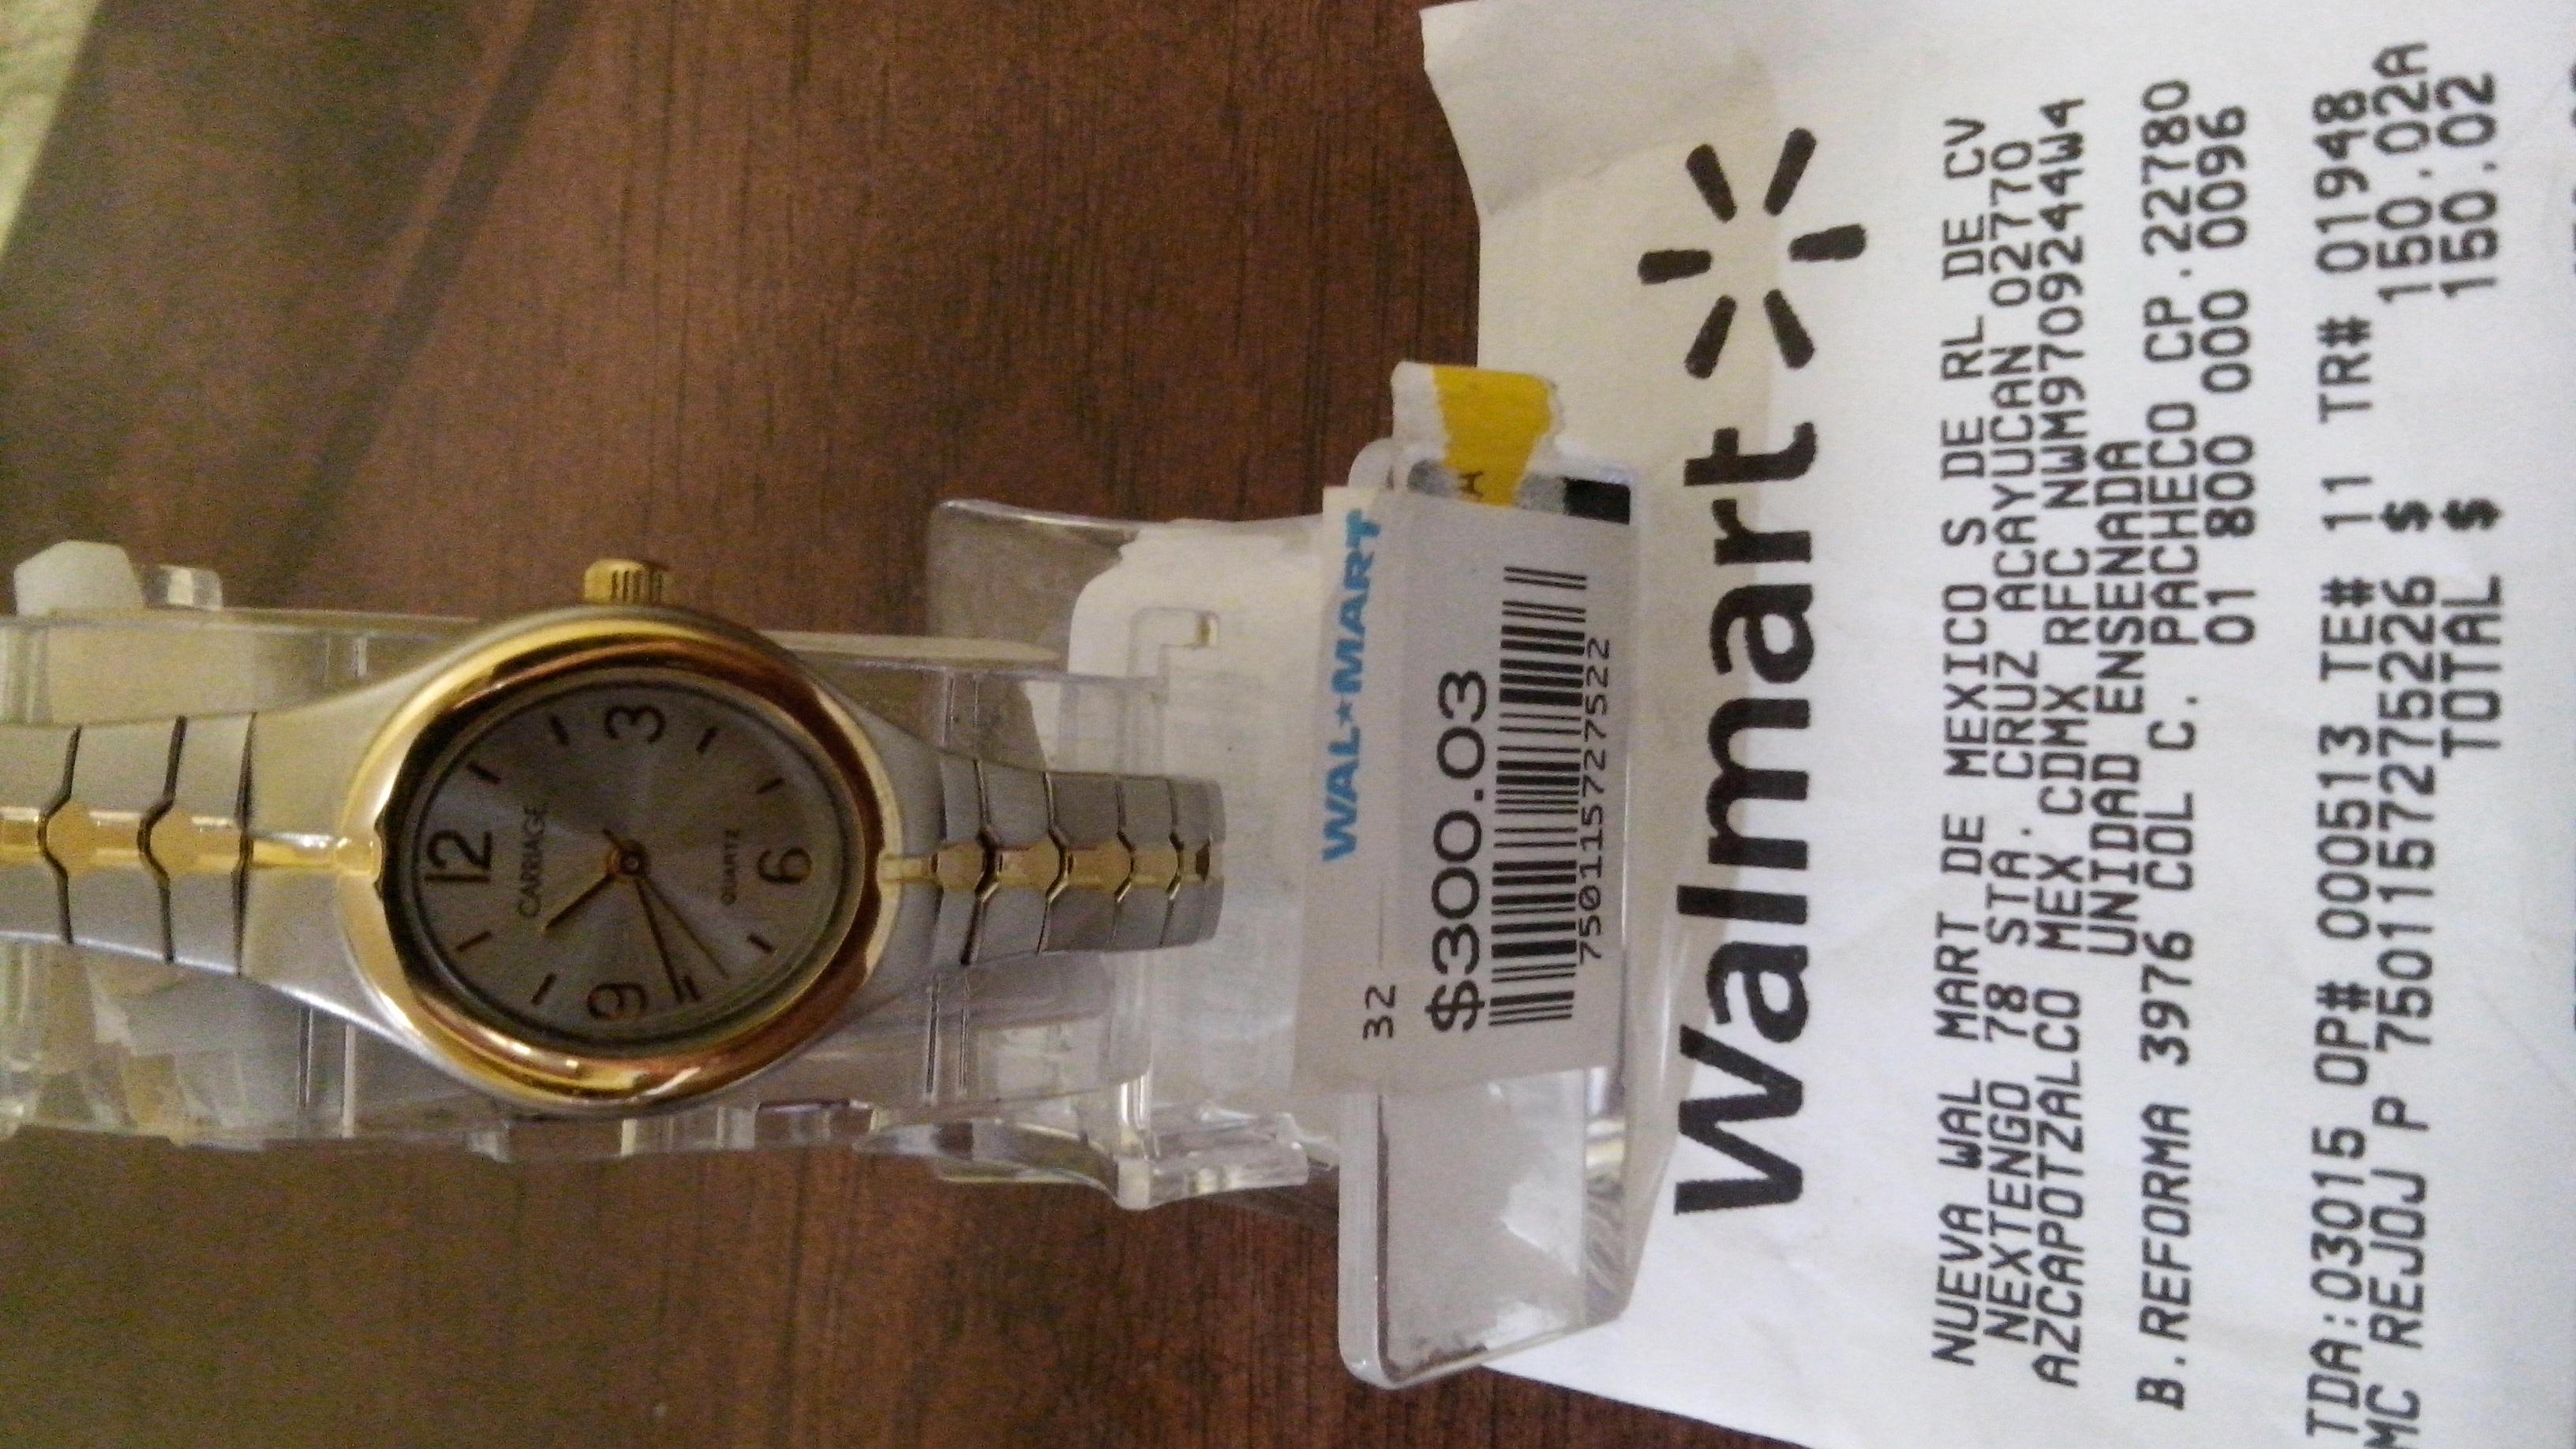 Walmart Ensenada: Reloj Timex en $60 y $150. Duelo de empleados villana vs amable